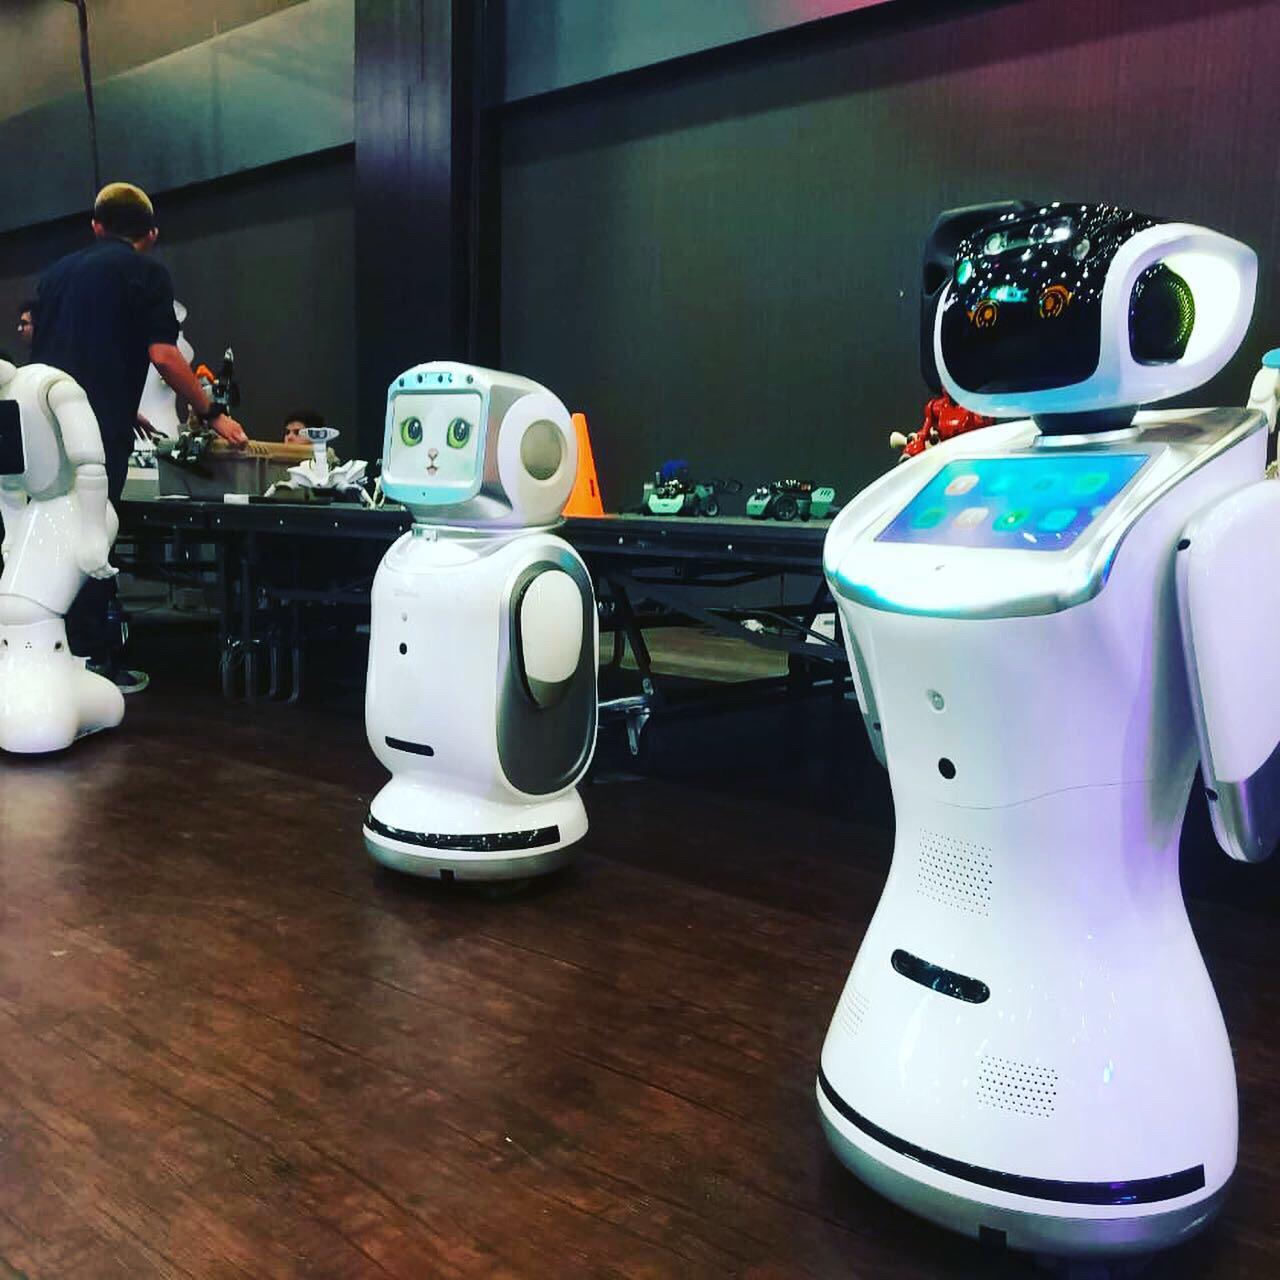 Departamento de Ingeniería Industrial participa del Festival del Robot 2019